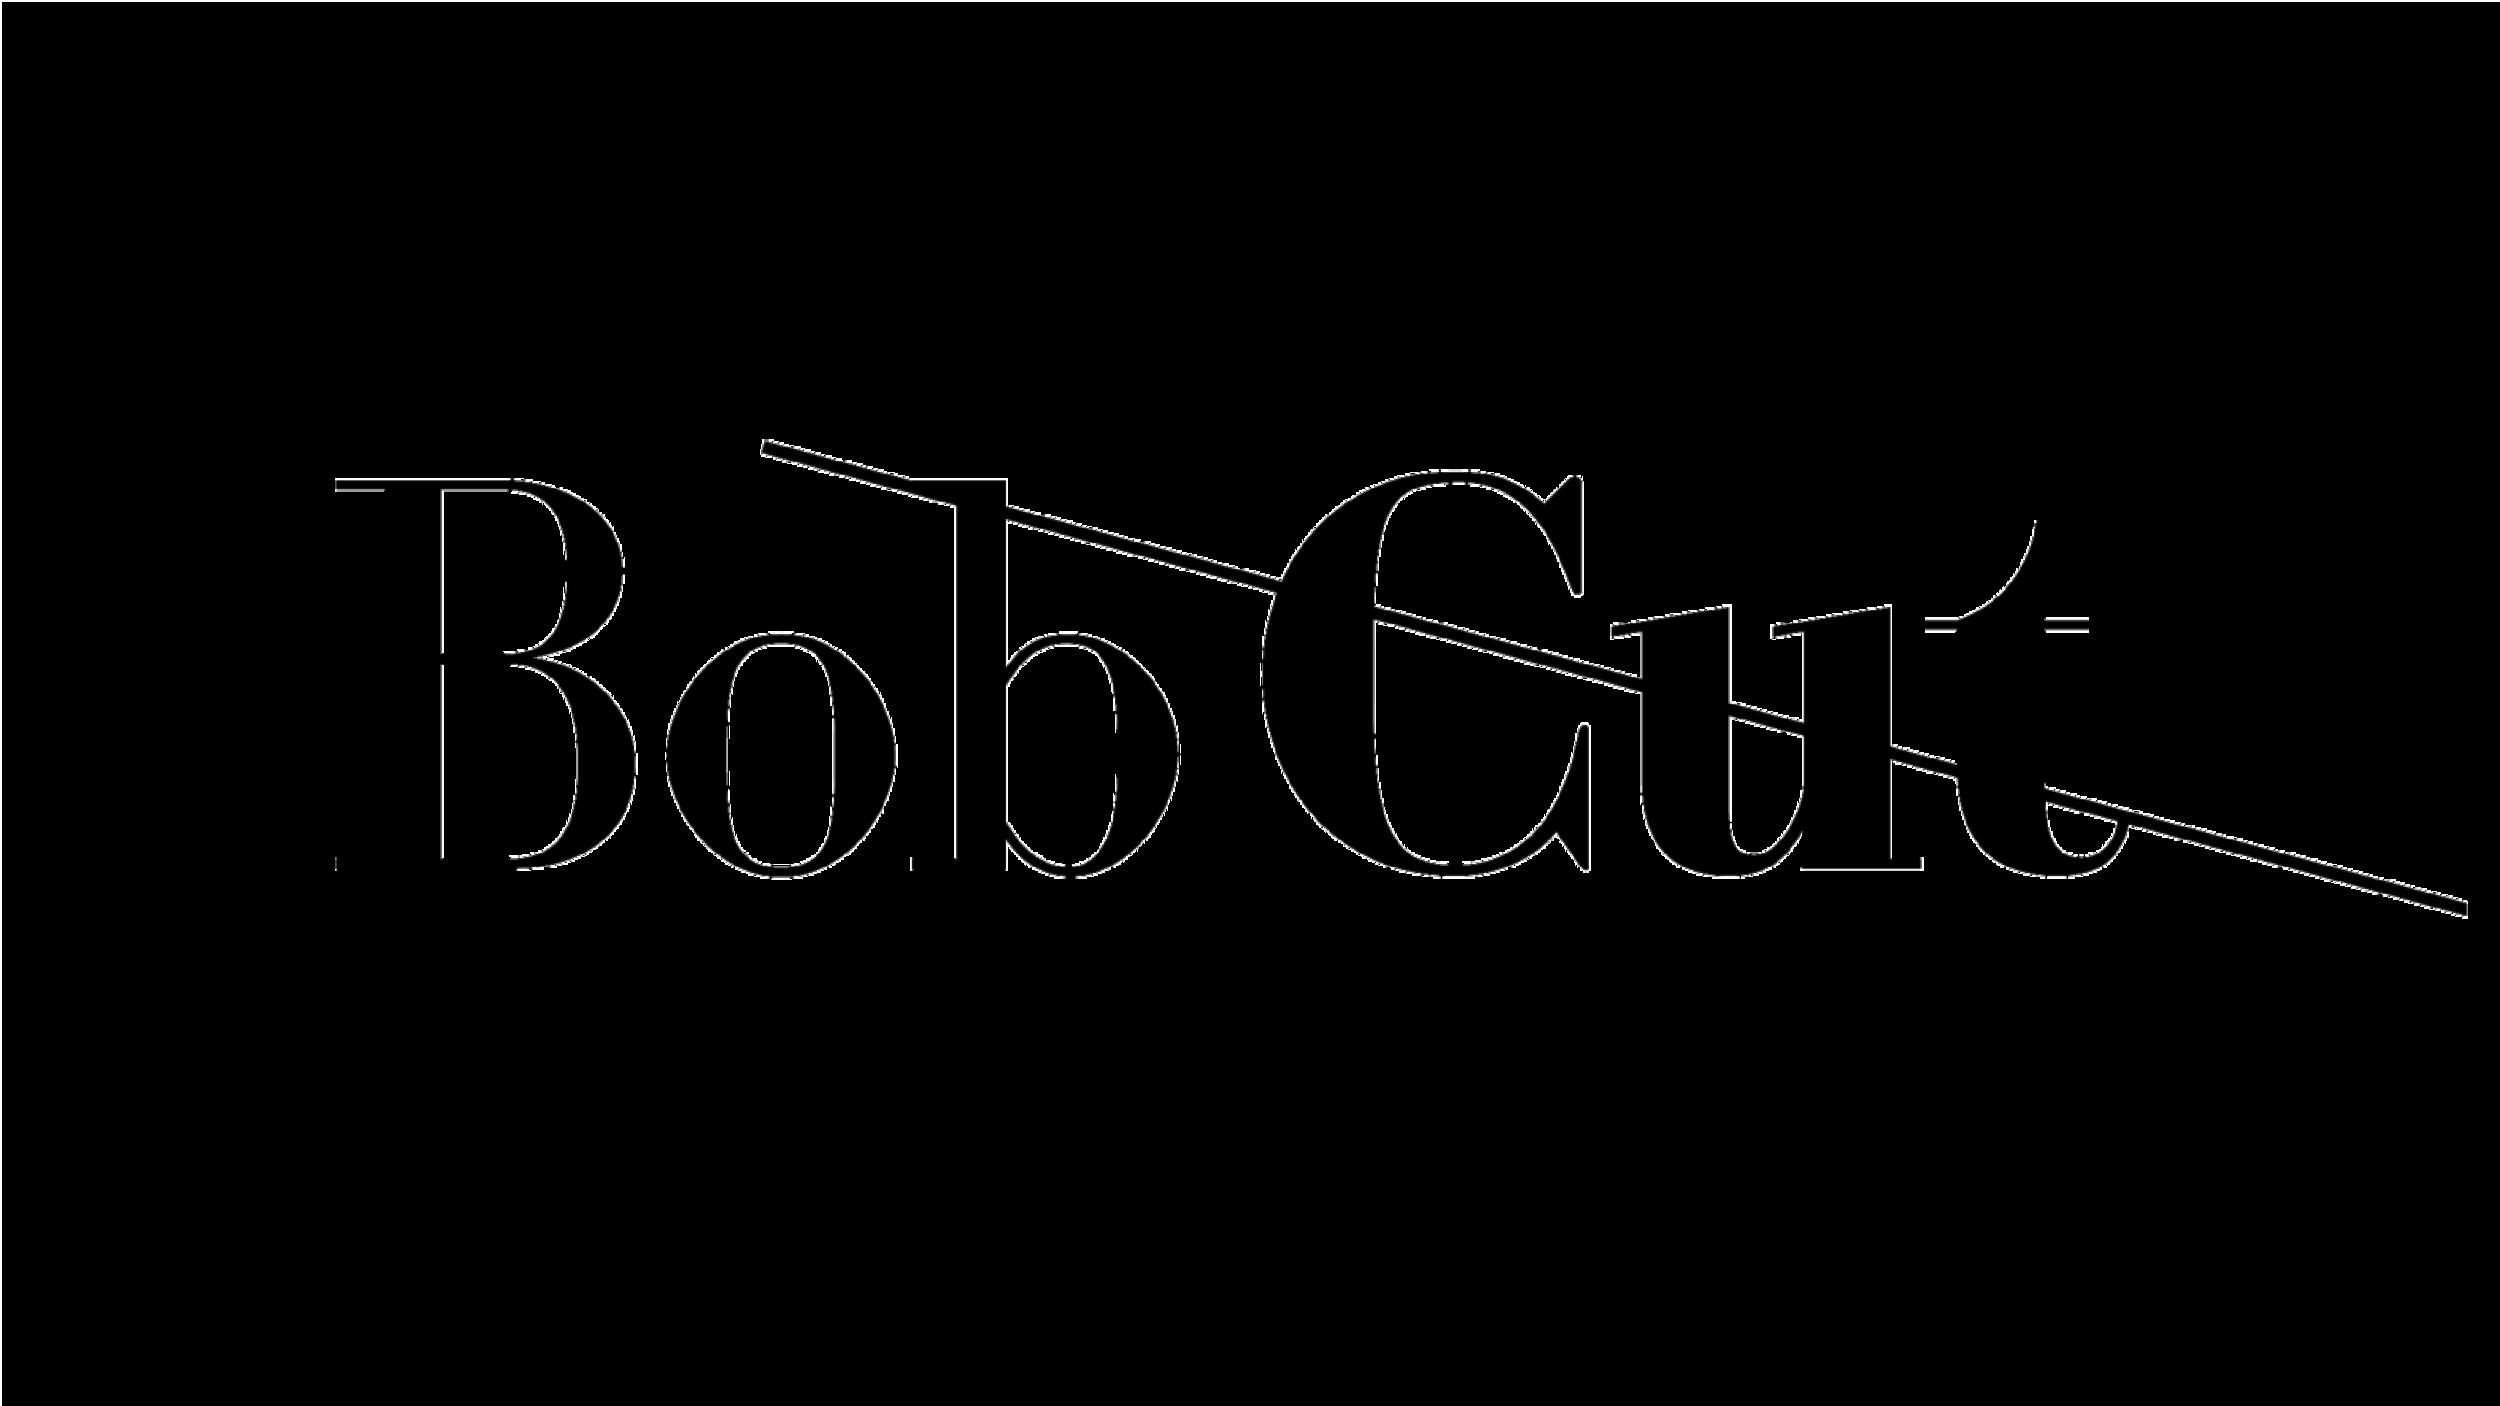 Bobcut logo b&w.png